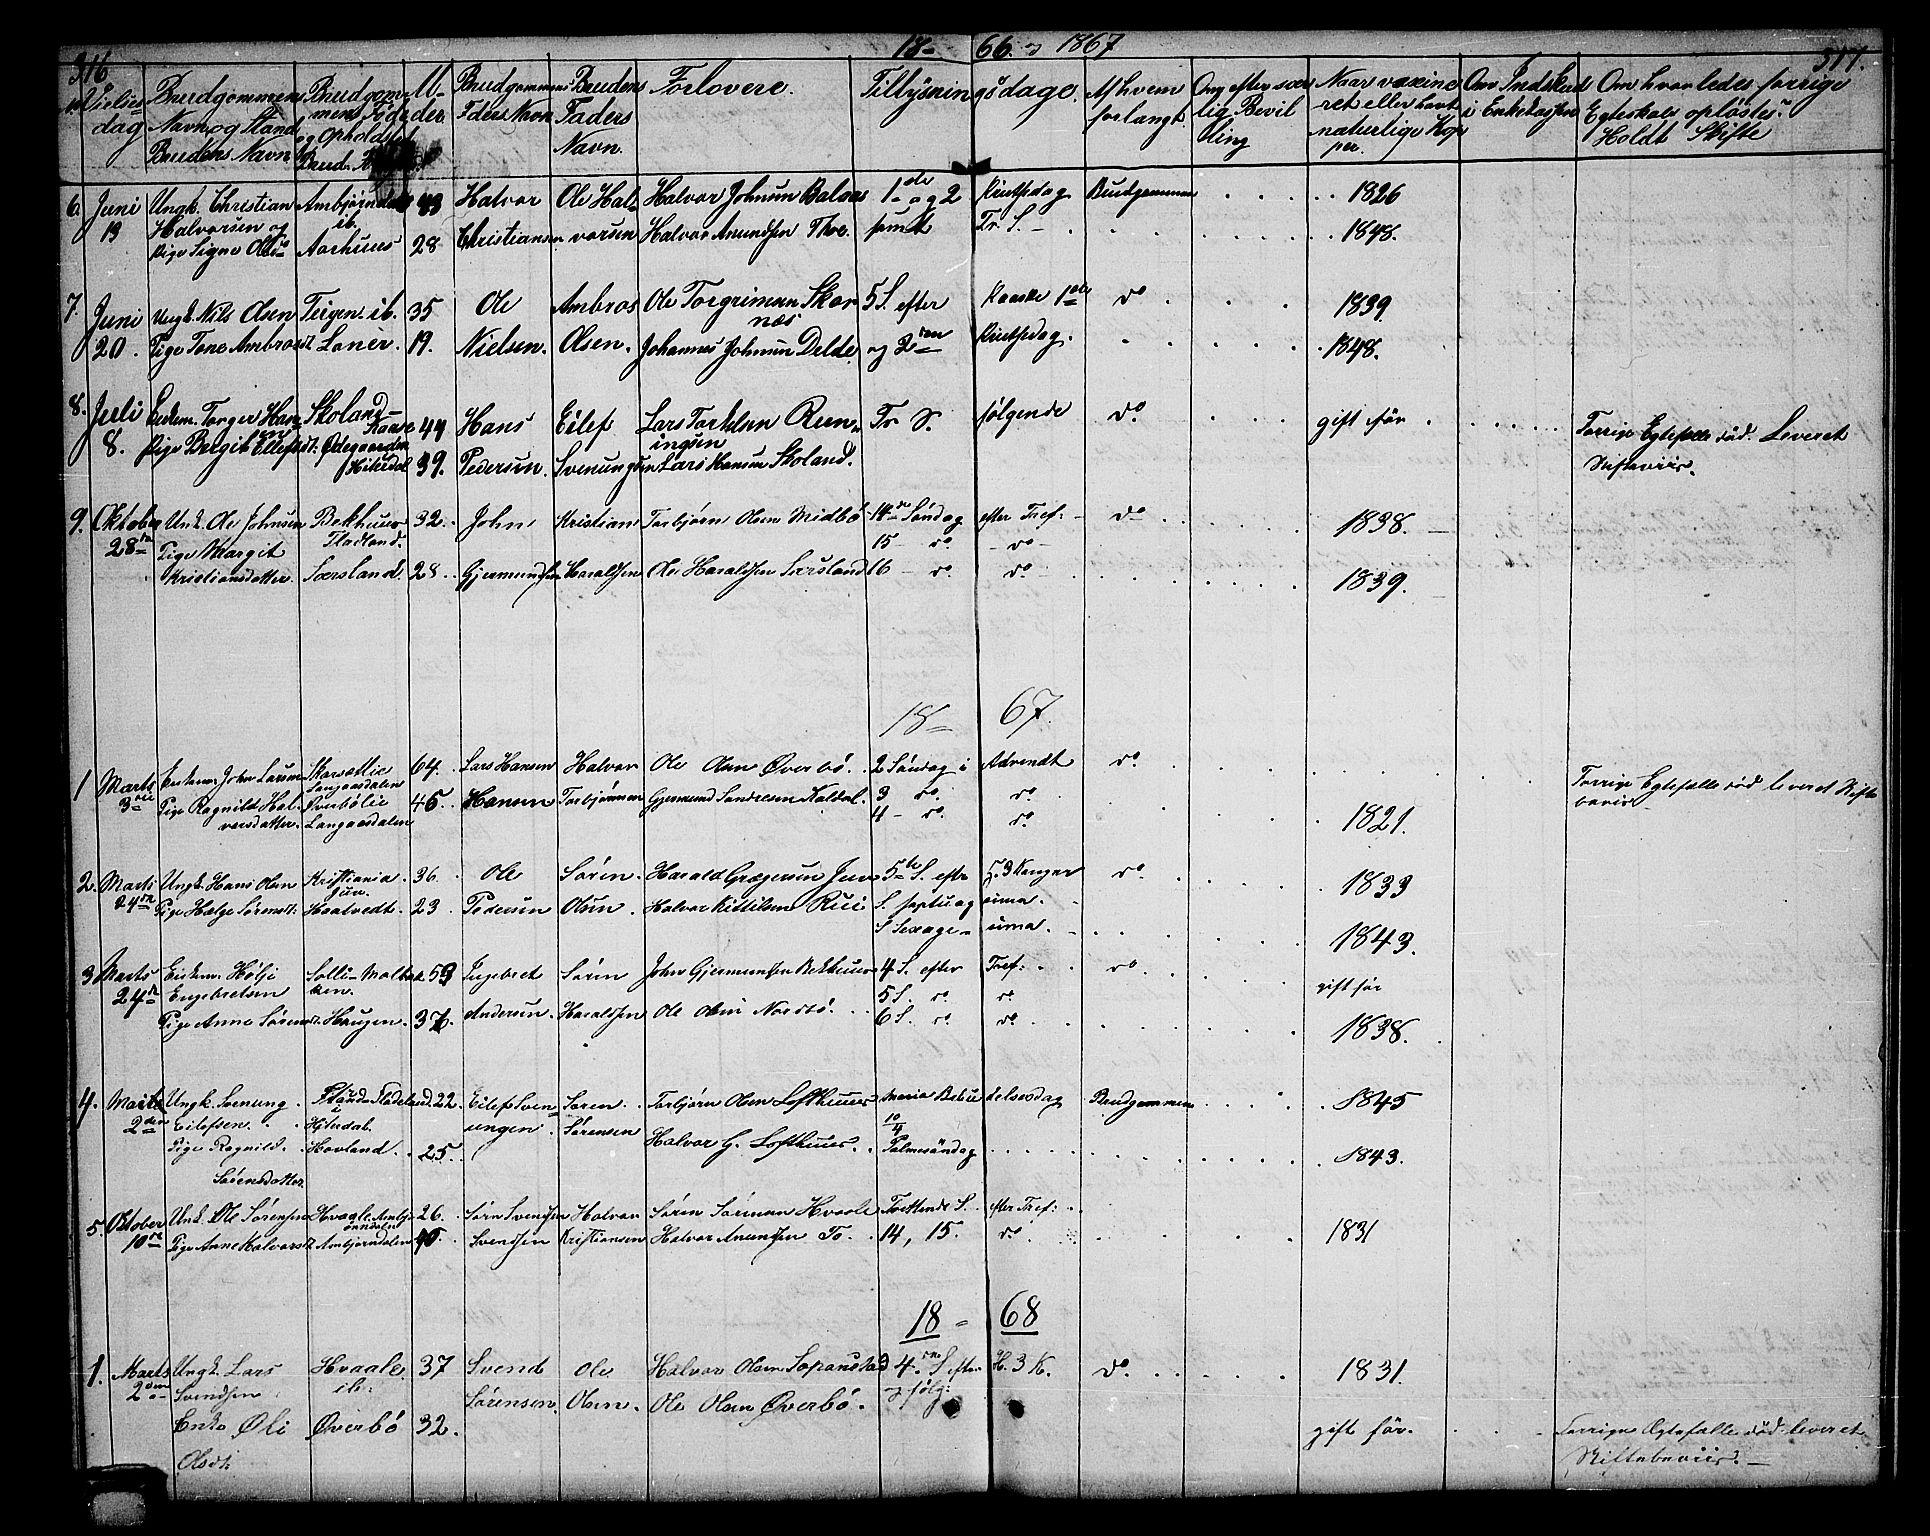 SAKO, Hjartdal kirkebøker, G/Ga/L0002: Klokkerbok nr. I 2, 1854-1888, s. 316-317